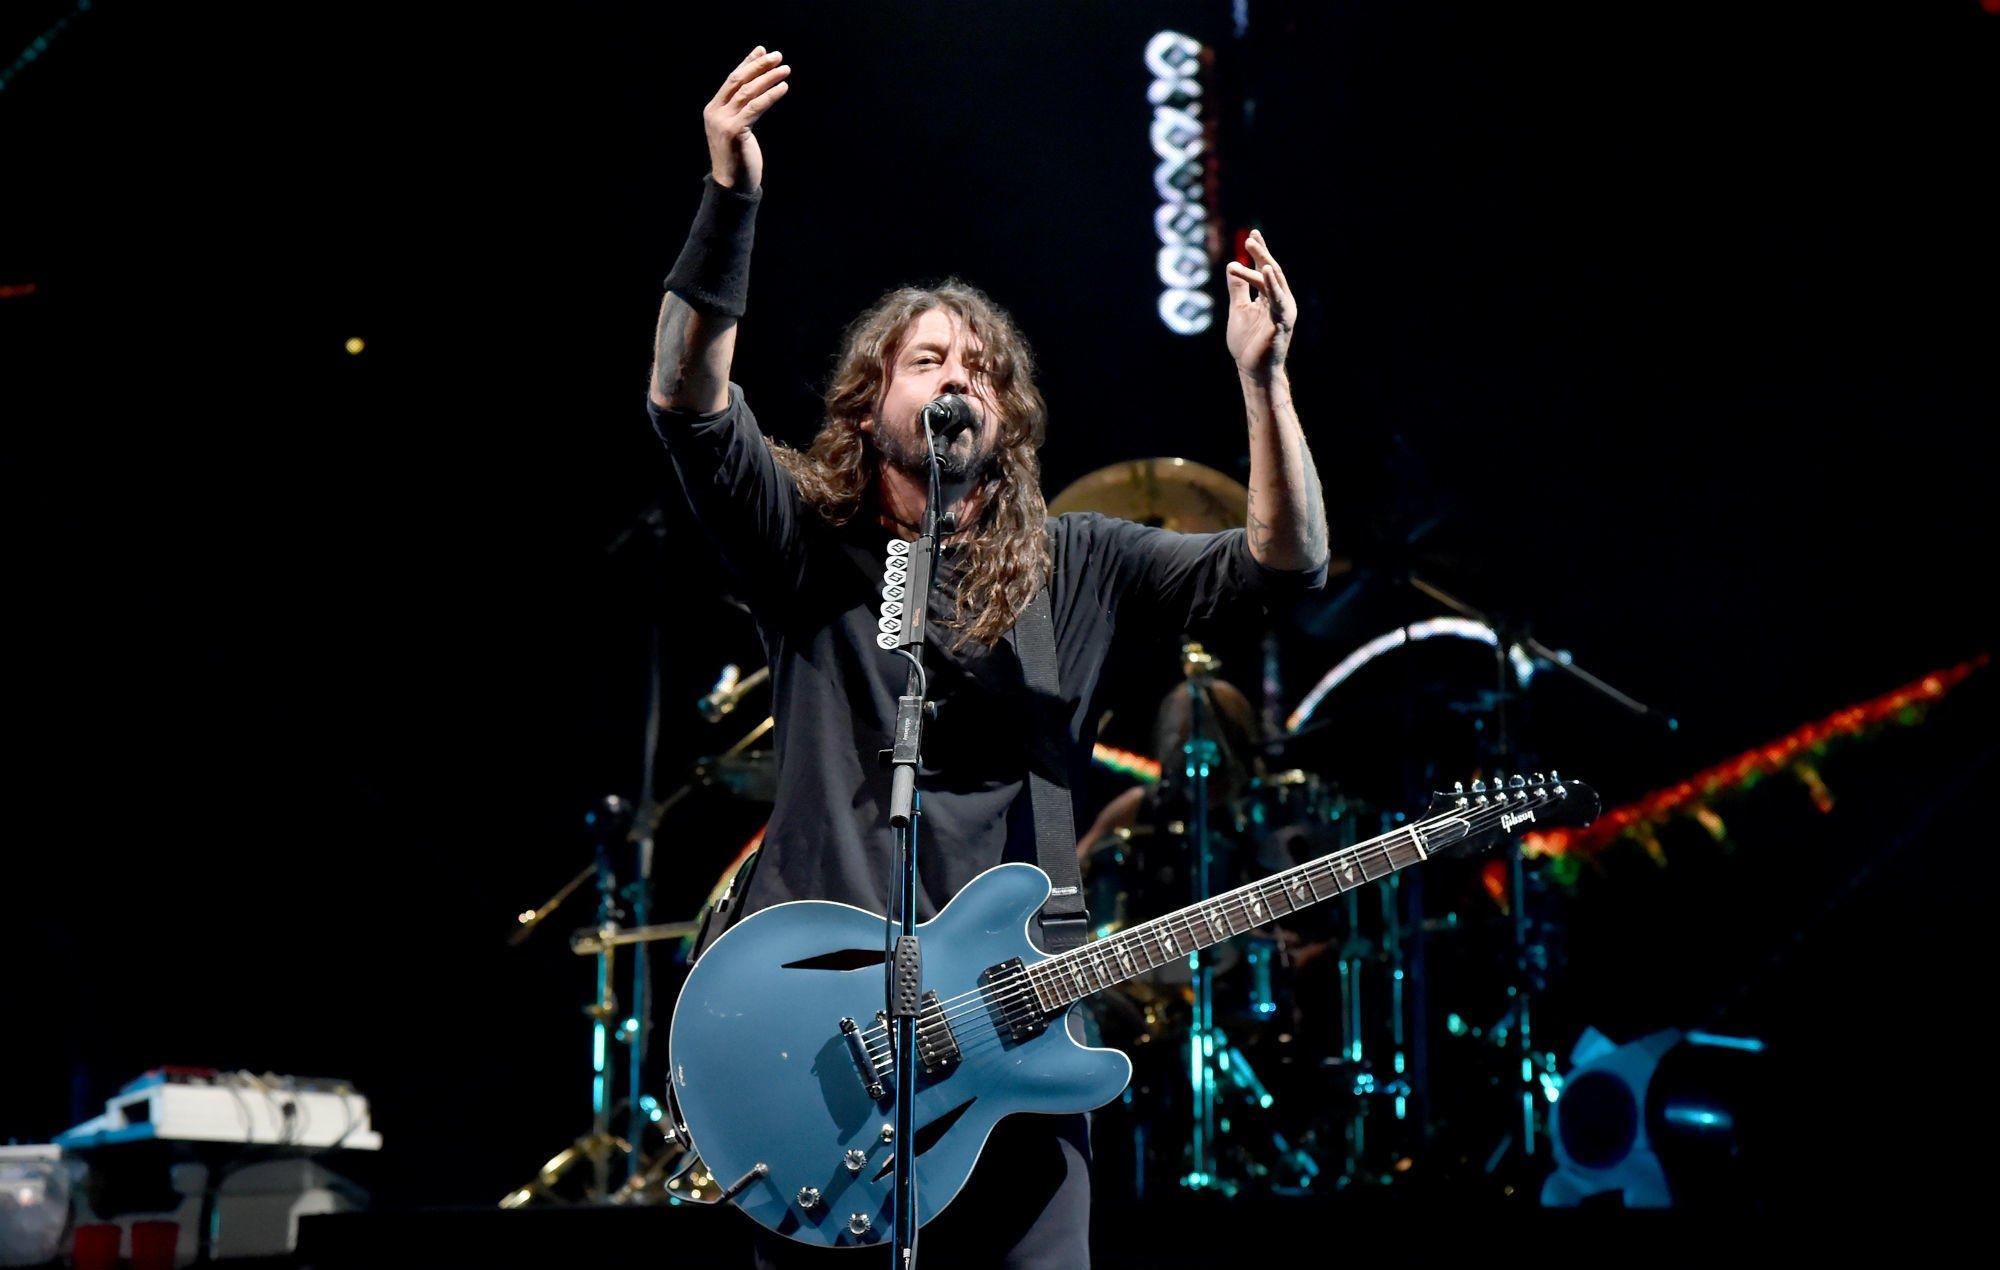 Watch Foo Fighters cover Metallica's 'Enter Sandman' with 10-year-old fan on guitar https://t.co/5TsDGpelmV https://t.co/BkGAfuMh0V